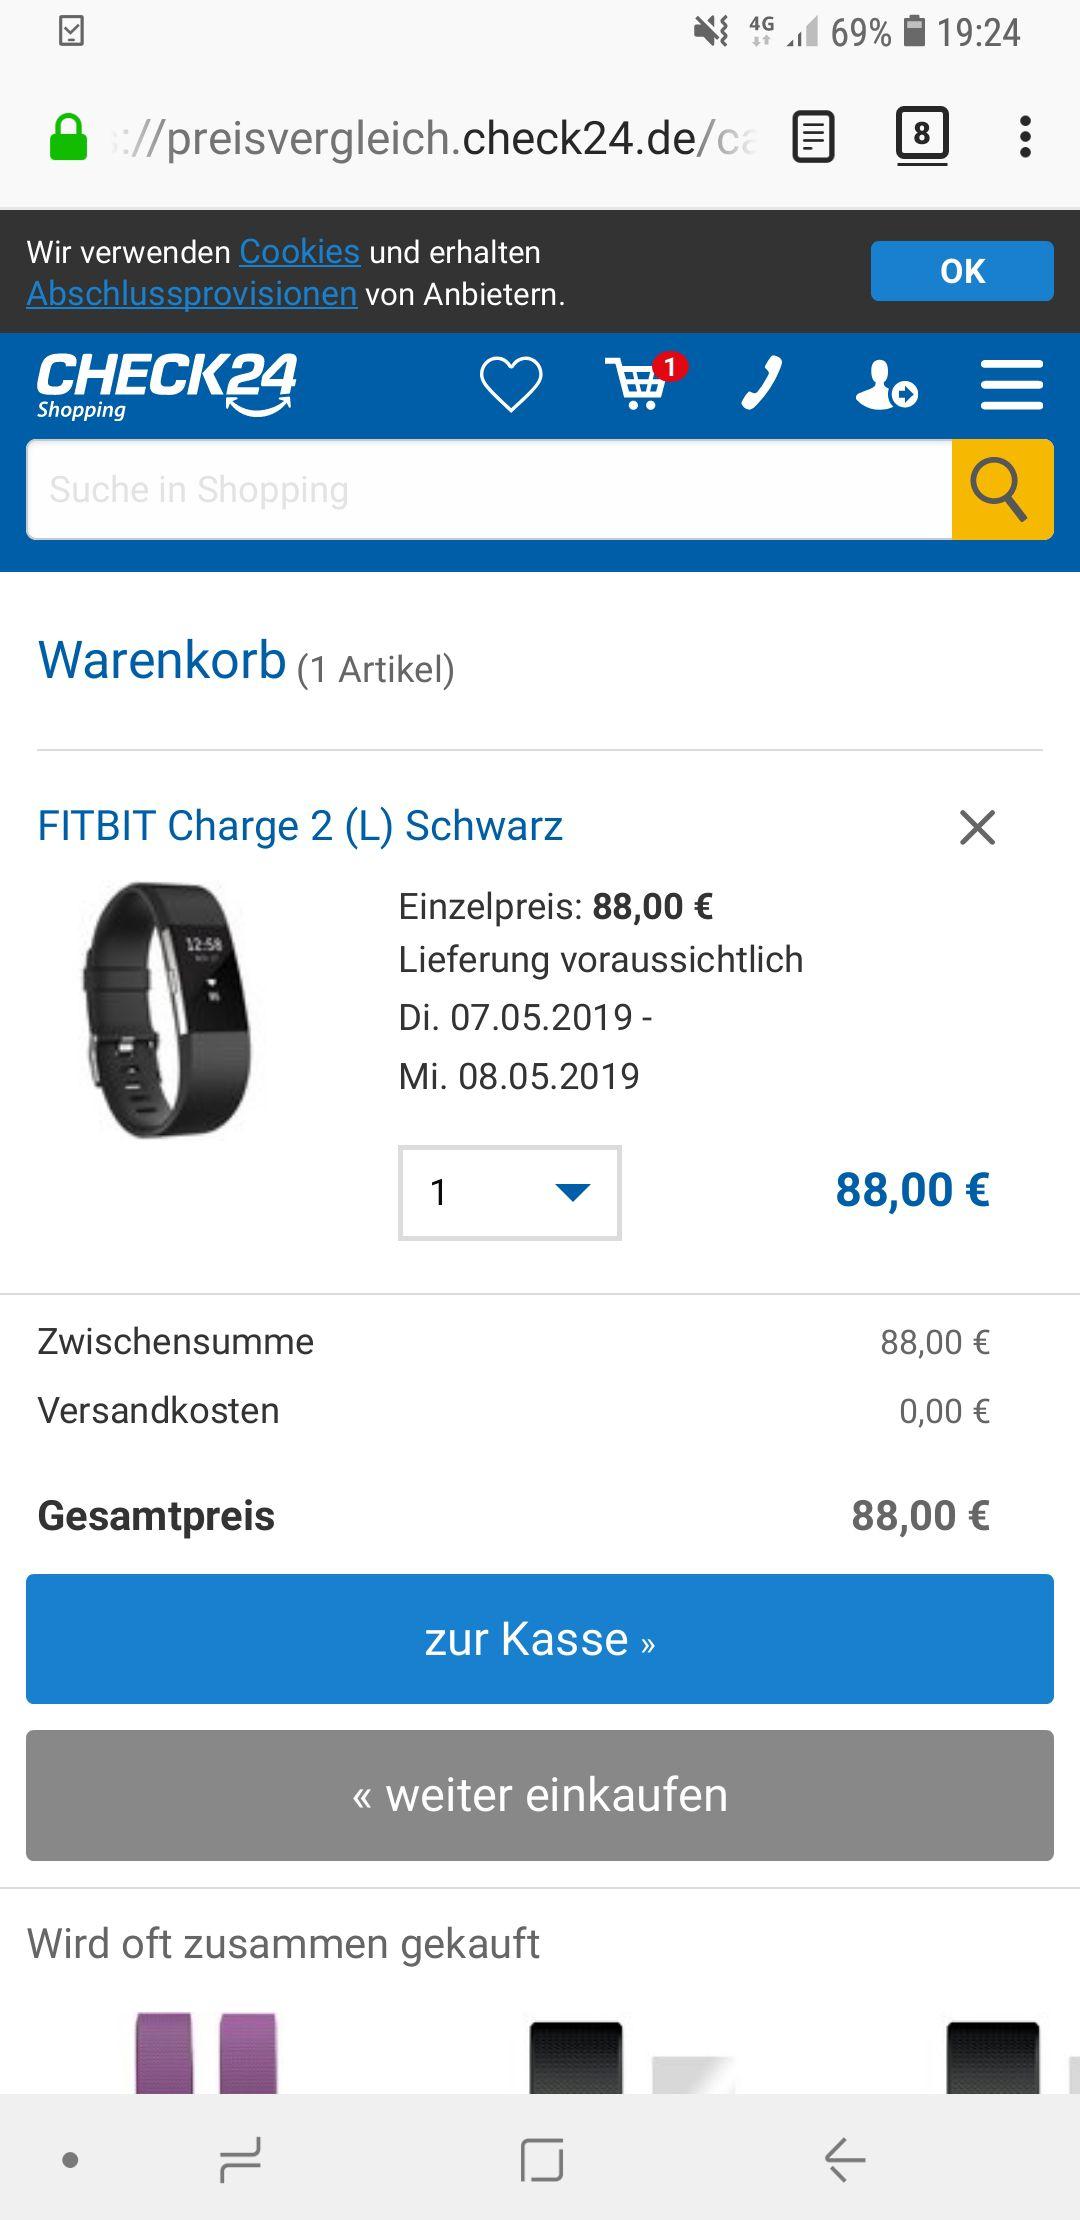 fitbit charge 2 schwarz gr l 88 gratis versand. Black Bedroom Furniture Sets. Home Design Ideas